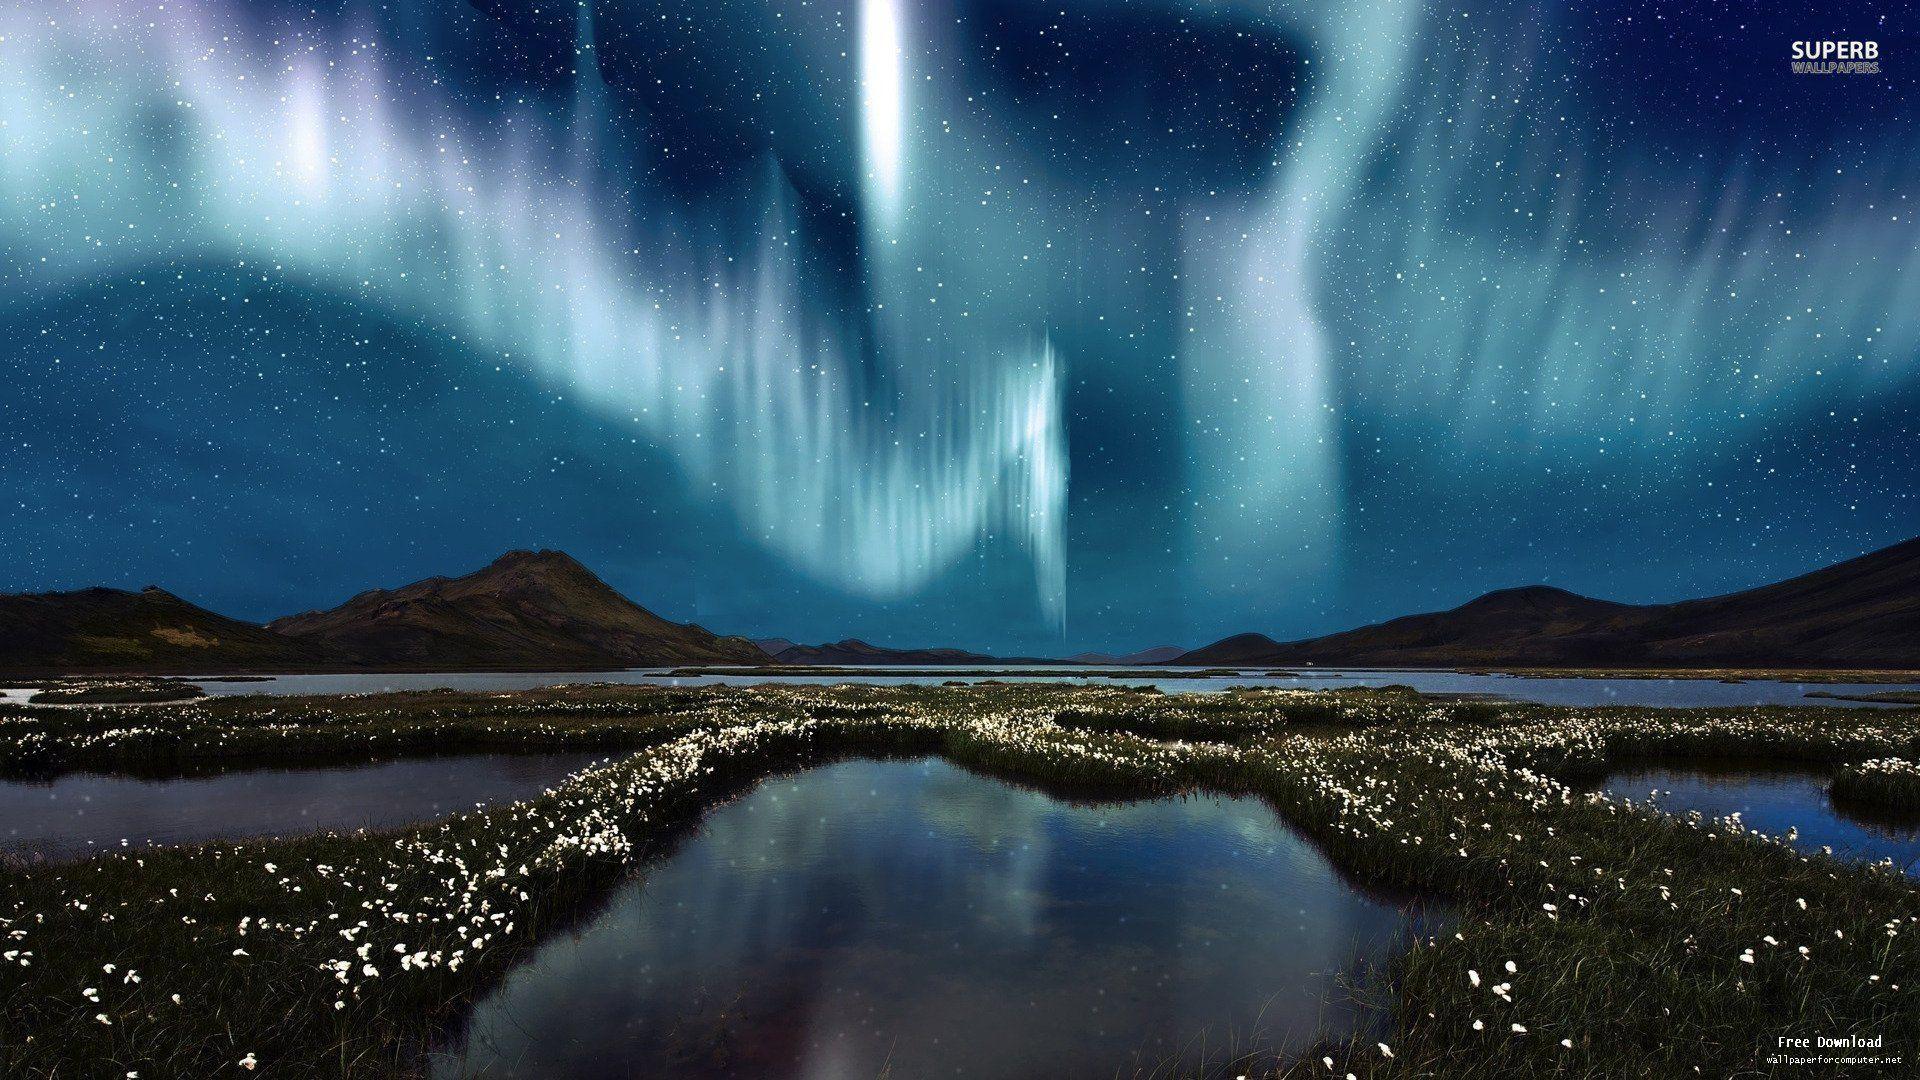 Alaska Northern Lights Wallpaper - WallpaperSafari   Alaska Northern Lights Wallpaper